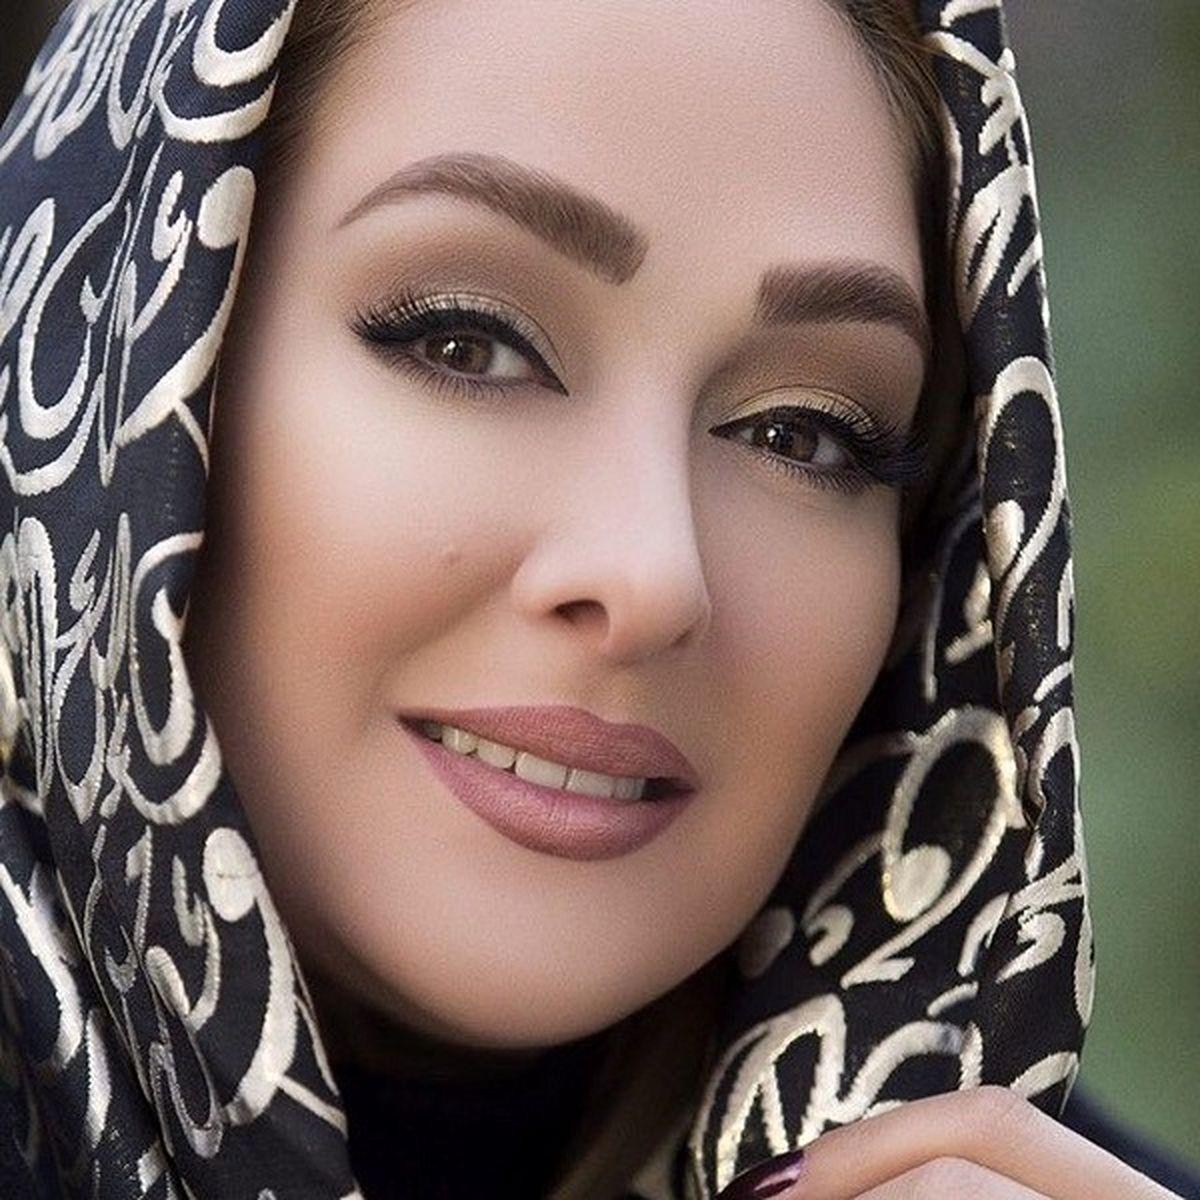 جراحی زیبایی الهام حمیدی بعد از زایمانش + عکس دیده نشده